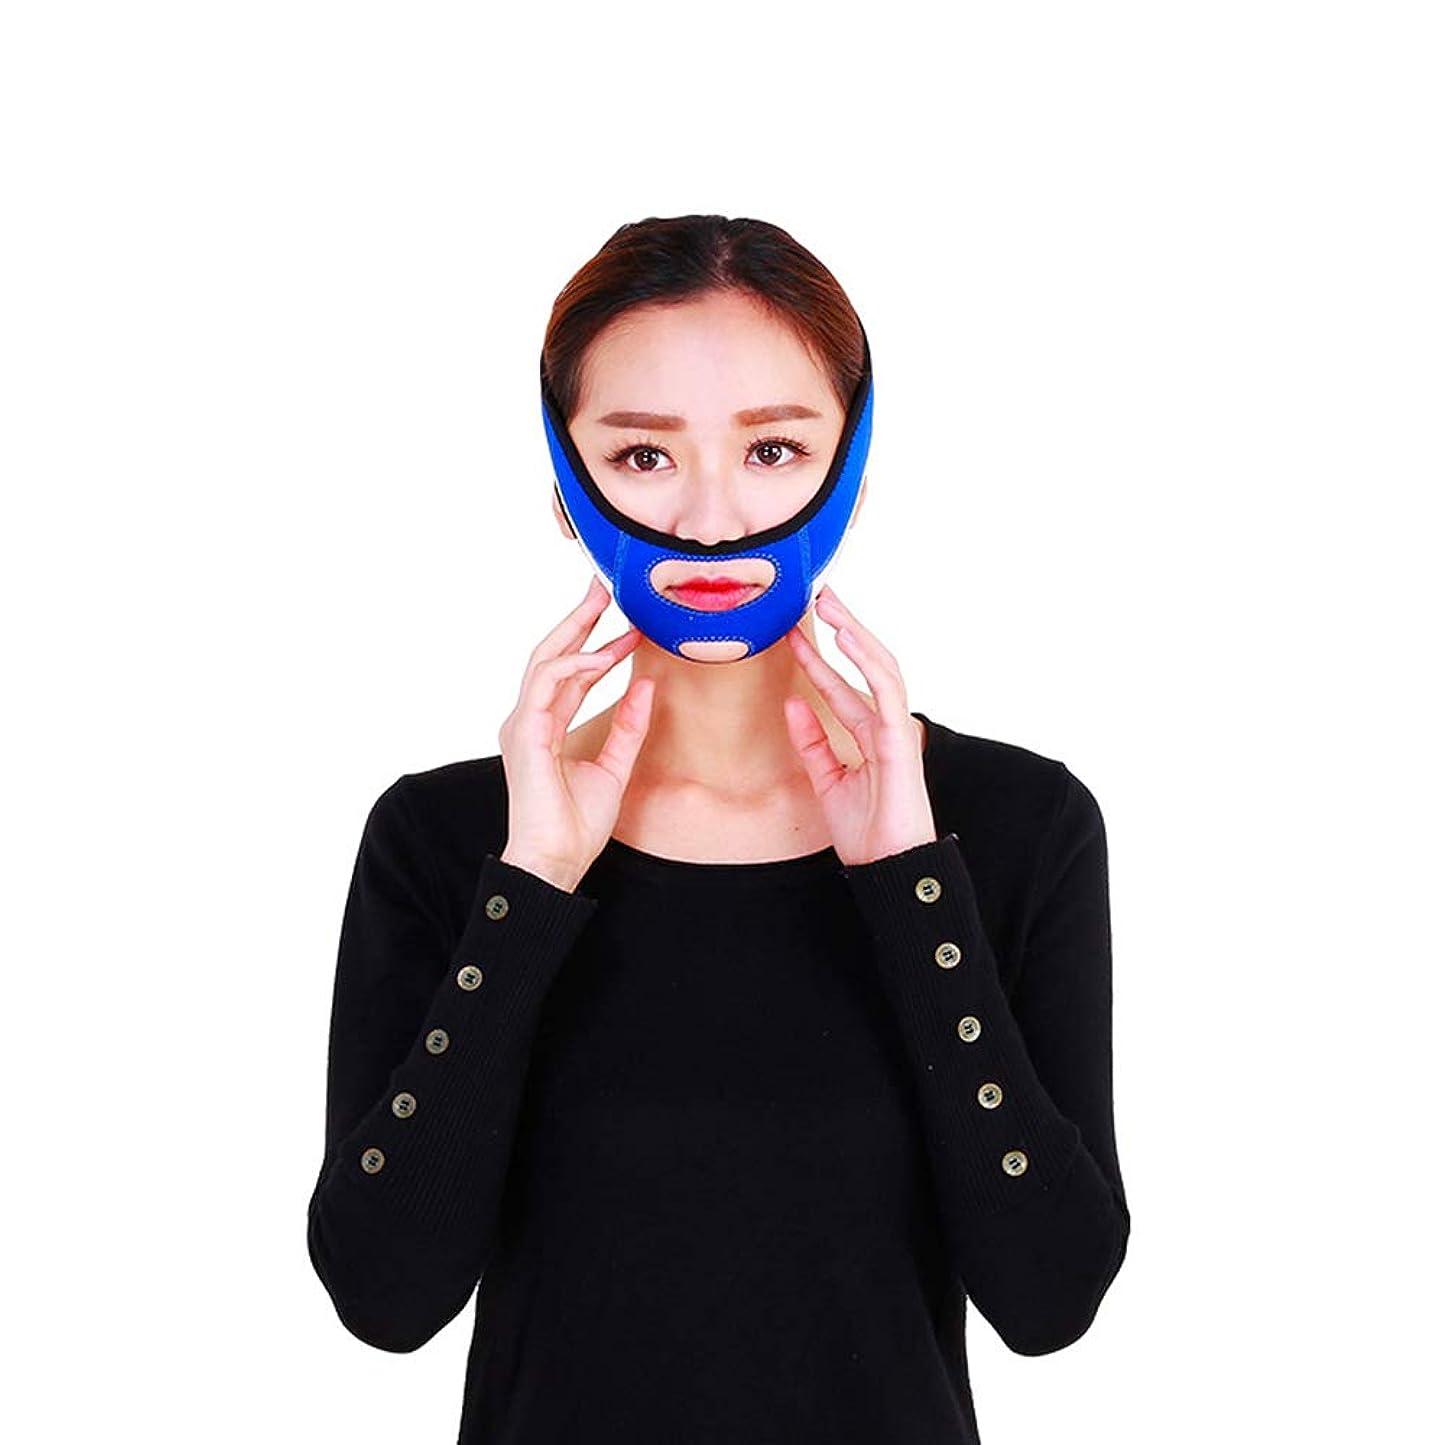 用心特殊大気Jia Jia- フェイシャルリフティング痩身ベルトフェーススリム二重あごを取り除くアンチエイジングリンクルフェイス包帯マスク整形マスクが顔を引き締める 顔面包帯